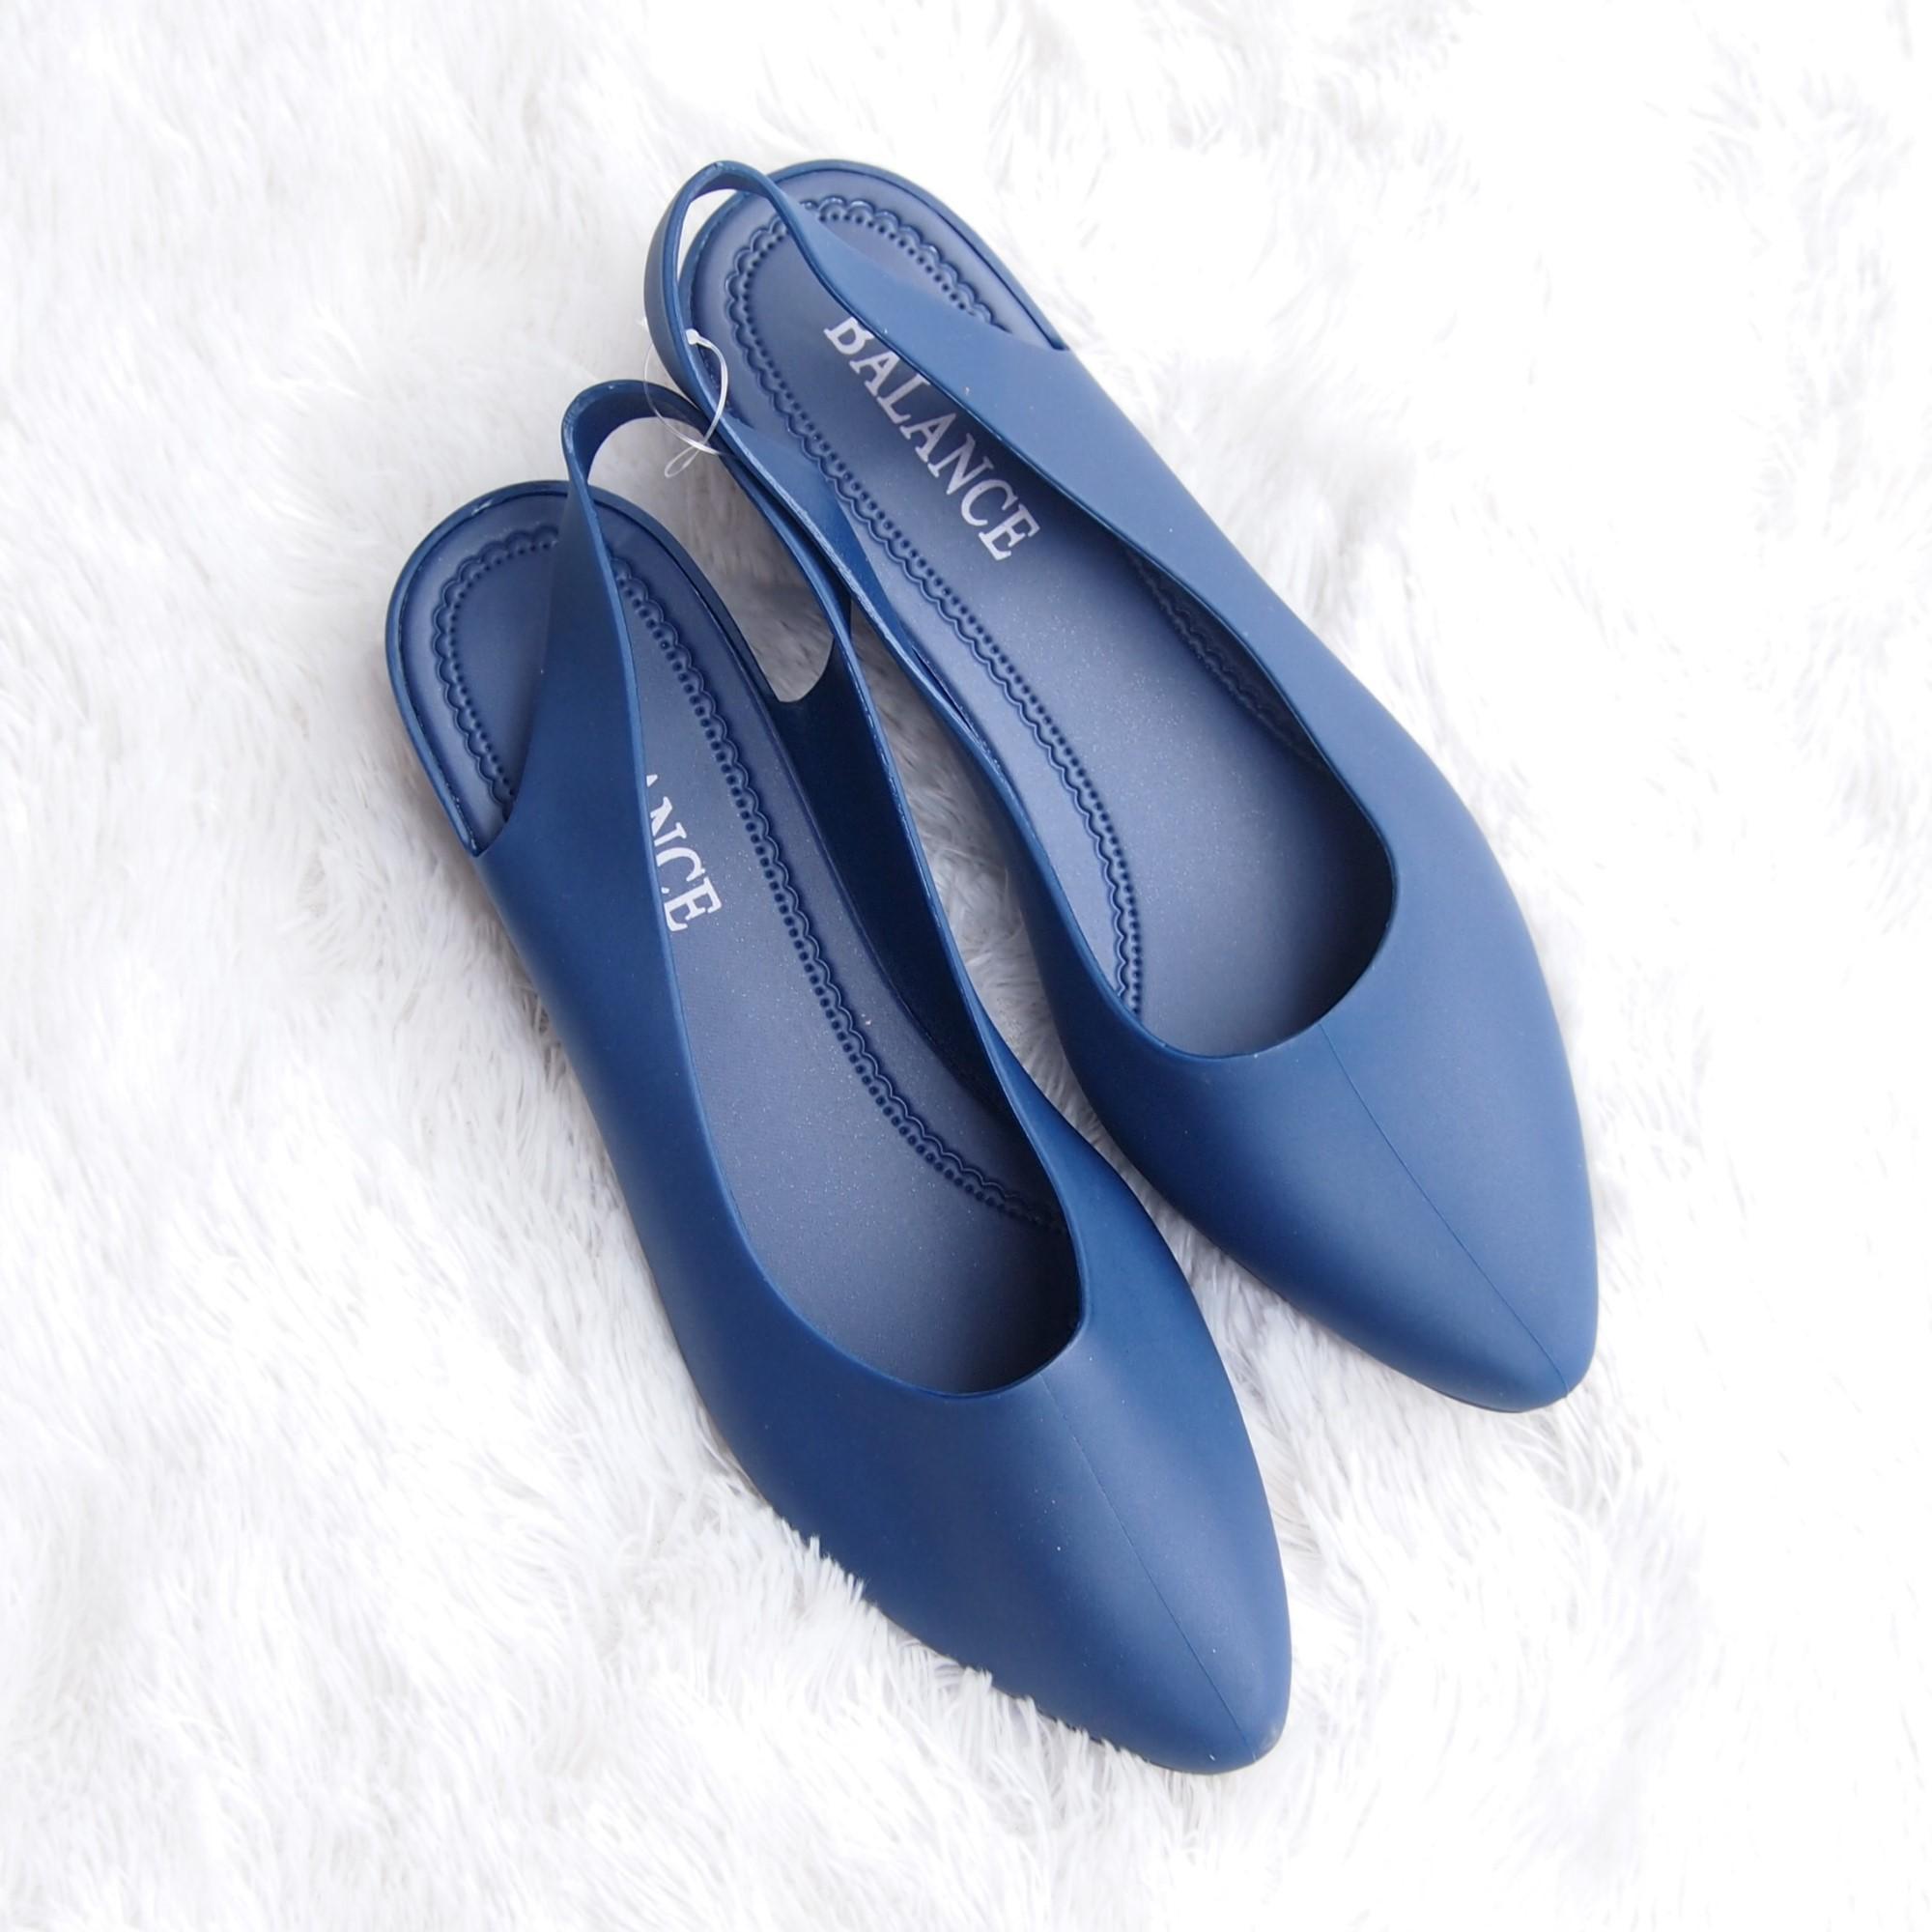 Flower Sepatu Wedges Zebra Wanita Putih Hitam Daftar Harga Terkini Dan Jelly Shoes Kantor Tali Belakang